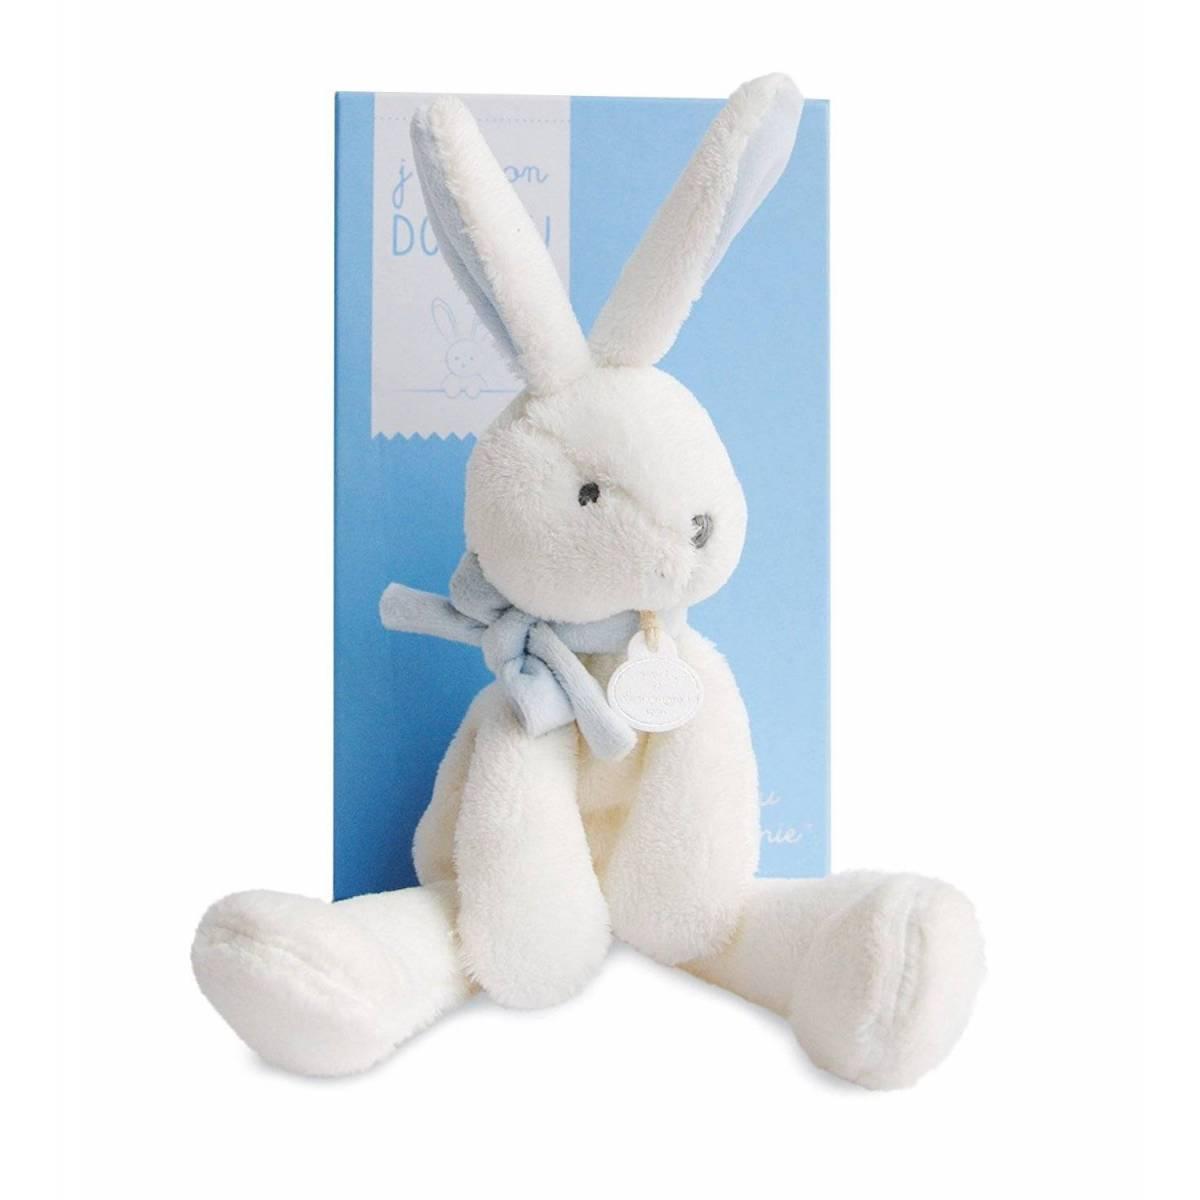 Doudou et Compagnie - J'aime mon Doudou - Lapin Bleu 30 cm